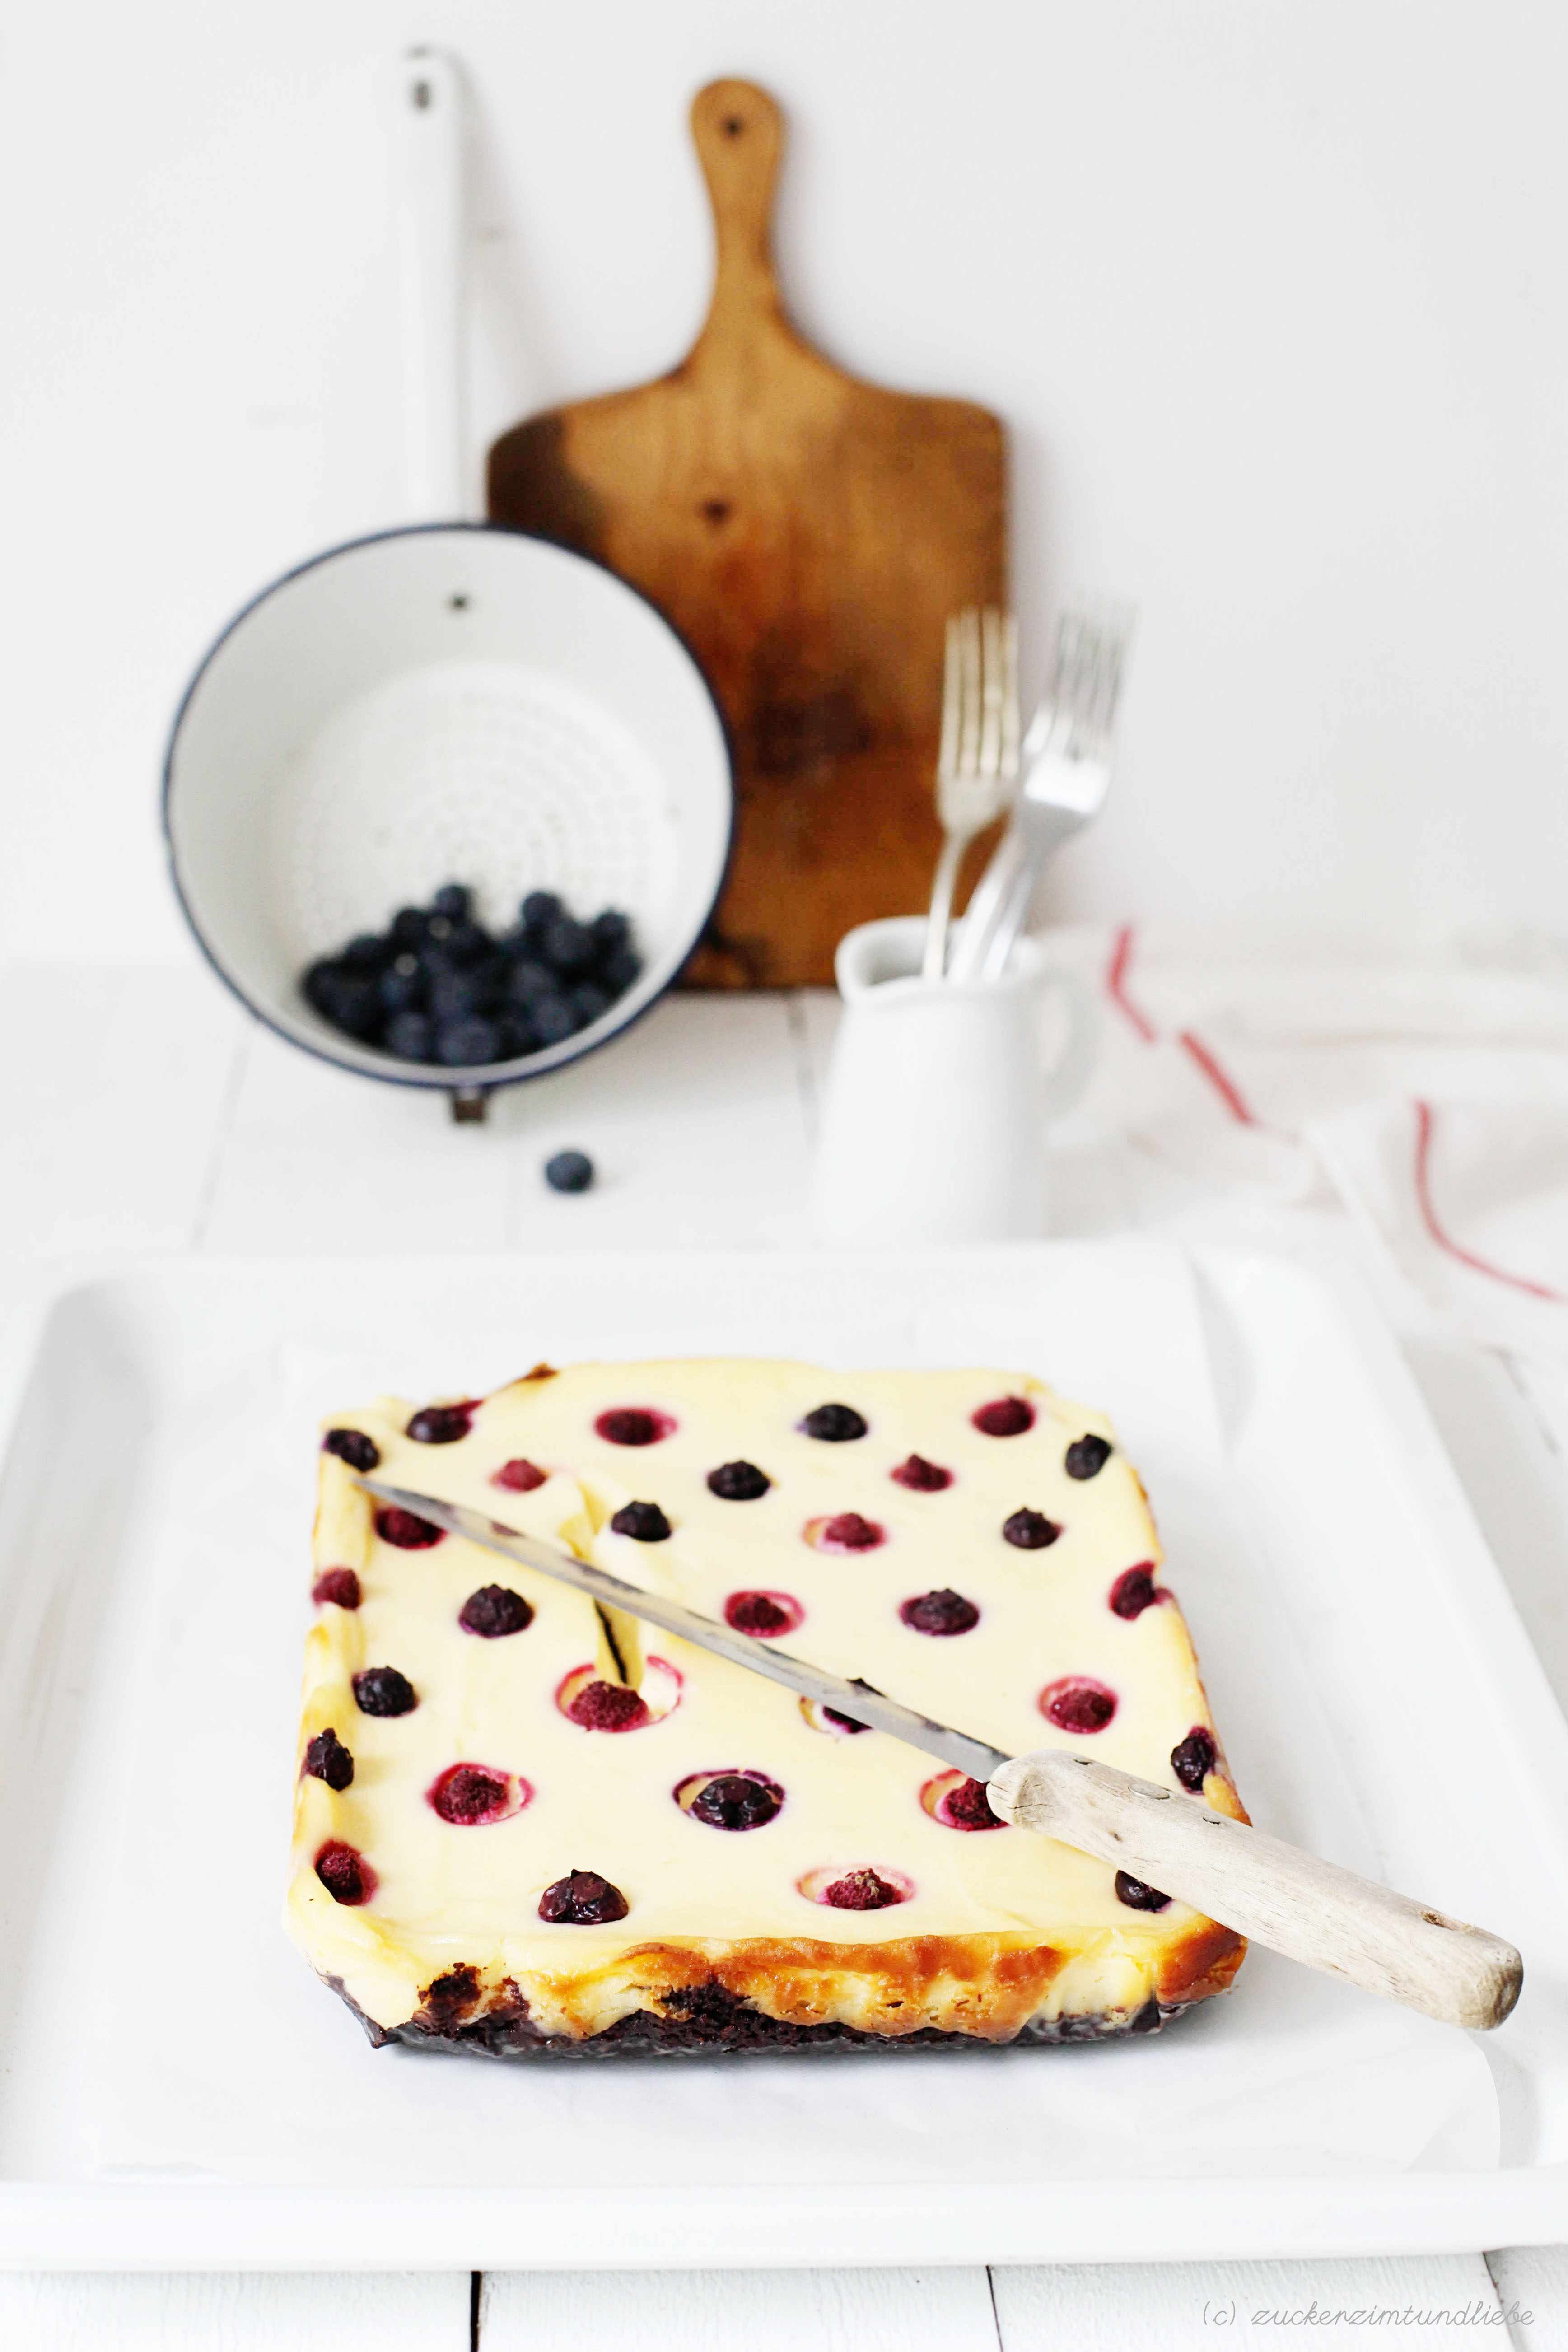 polka dot brownie cheeseake rezept zucker zimt und liebe. Black Bedroom Furniture Sets. Home Design Ideas